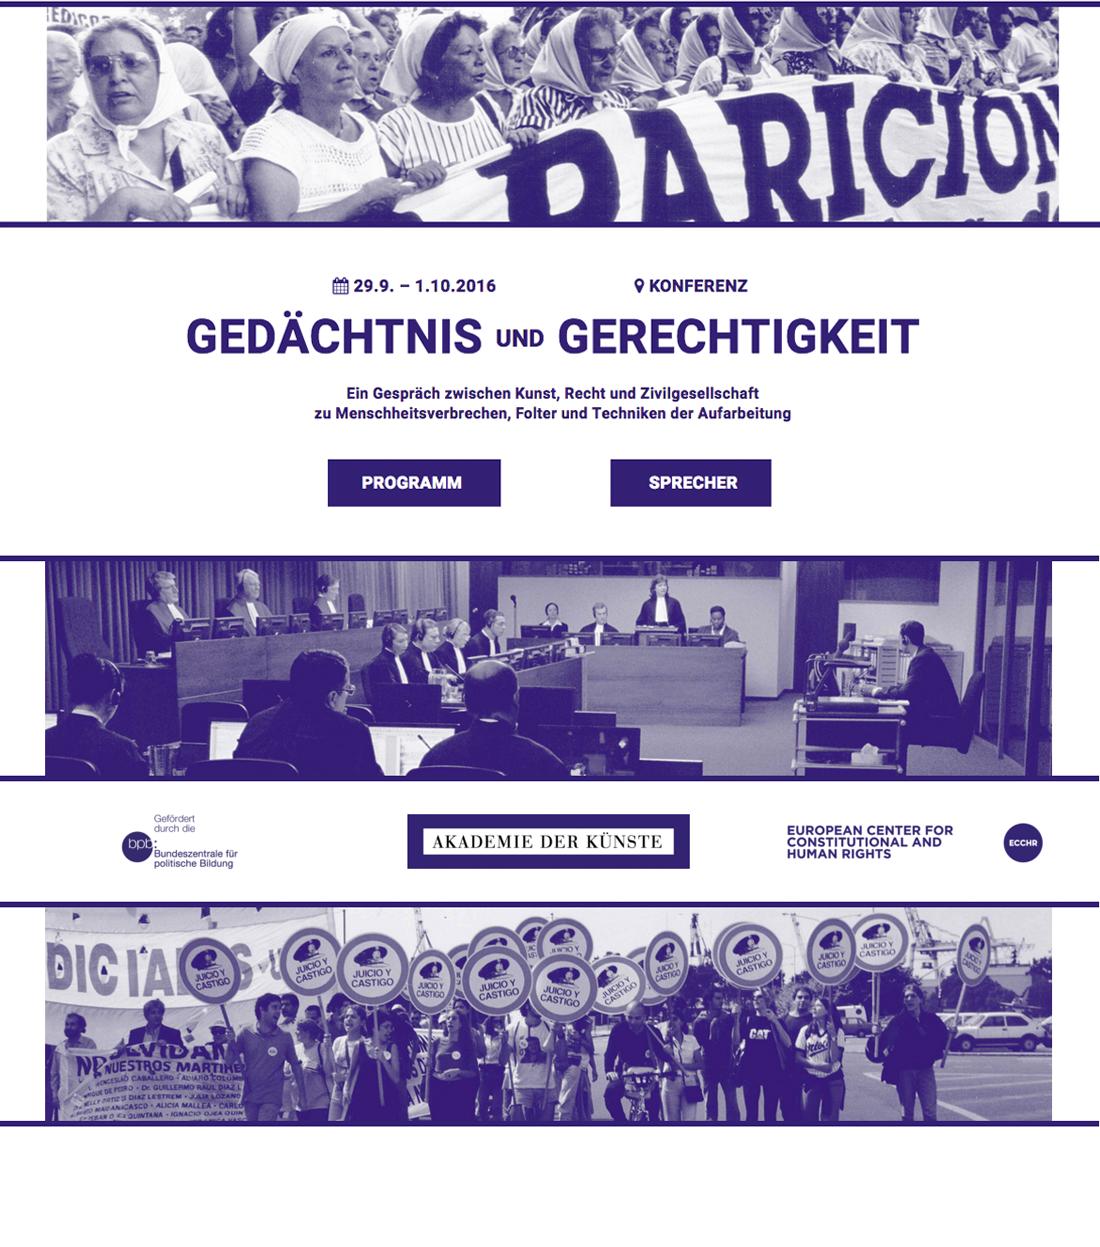 3-tages Konferenz der Akademie der Künste Berlin